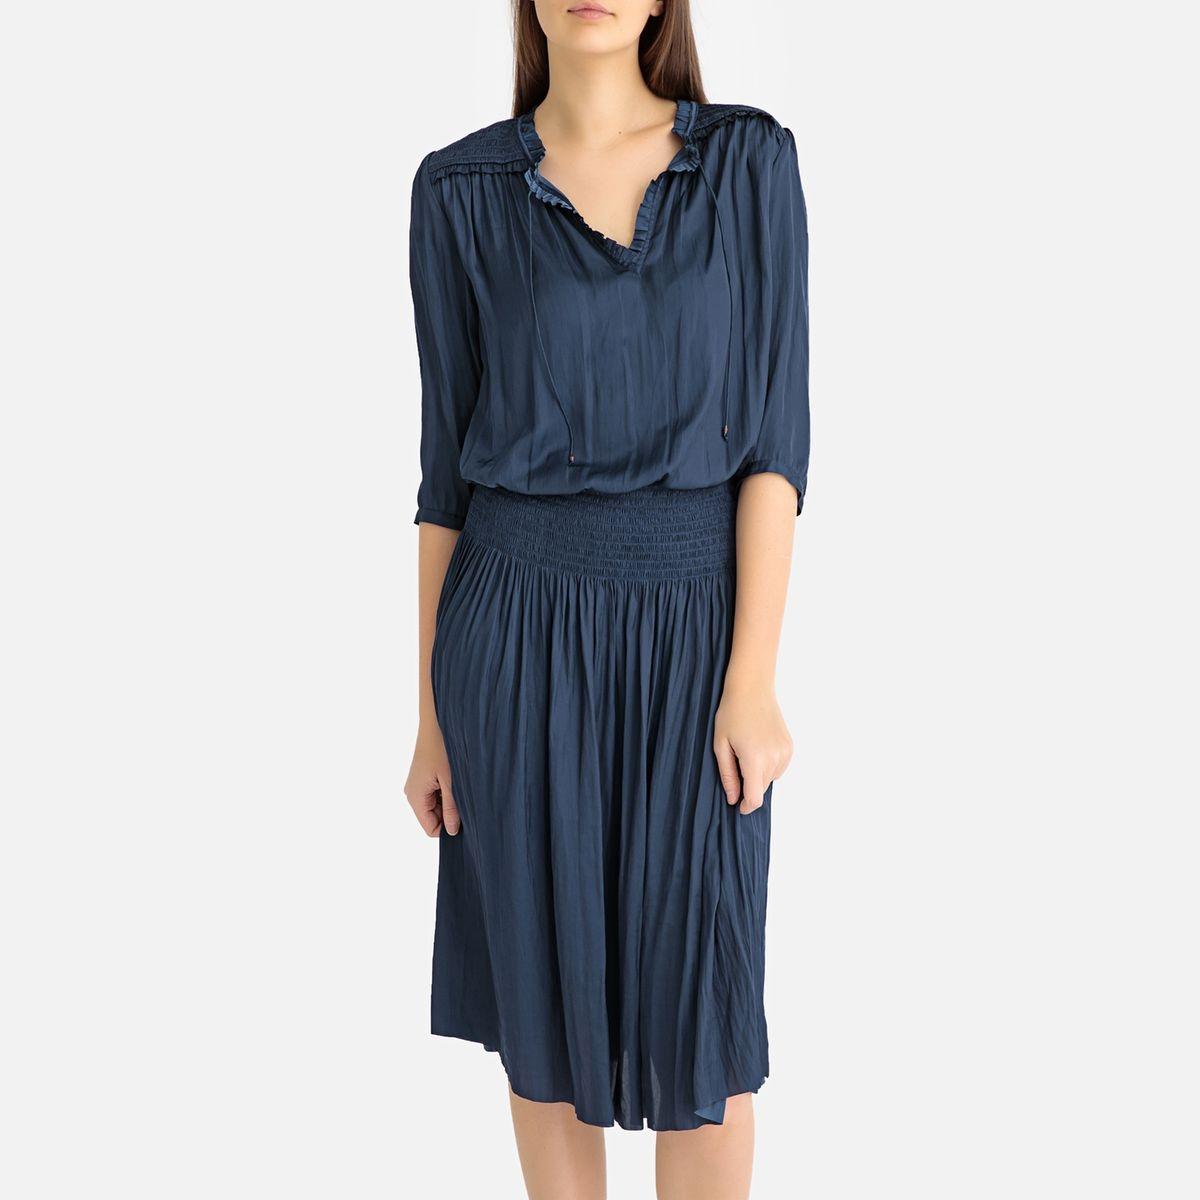 00939adcb8e9 Nouveau Robe mi-longue smockée GERRY. GERARD DAREL